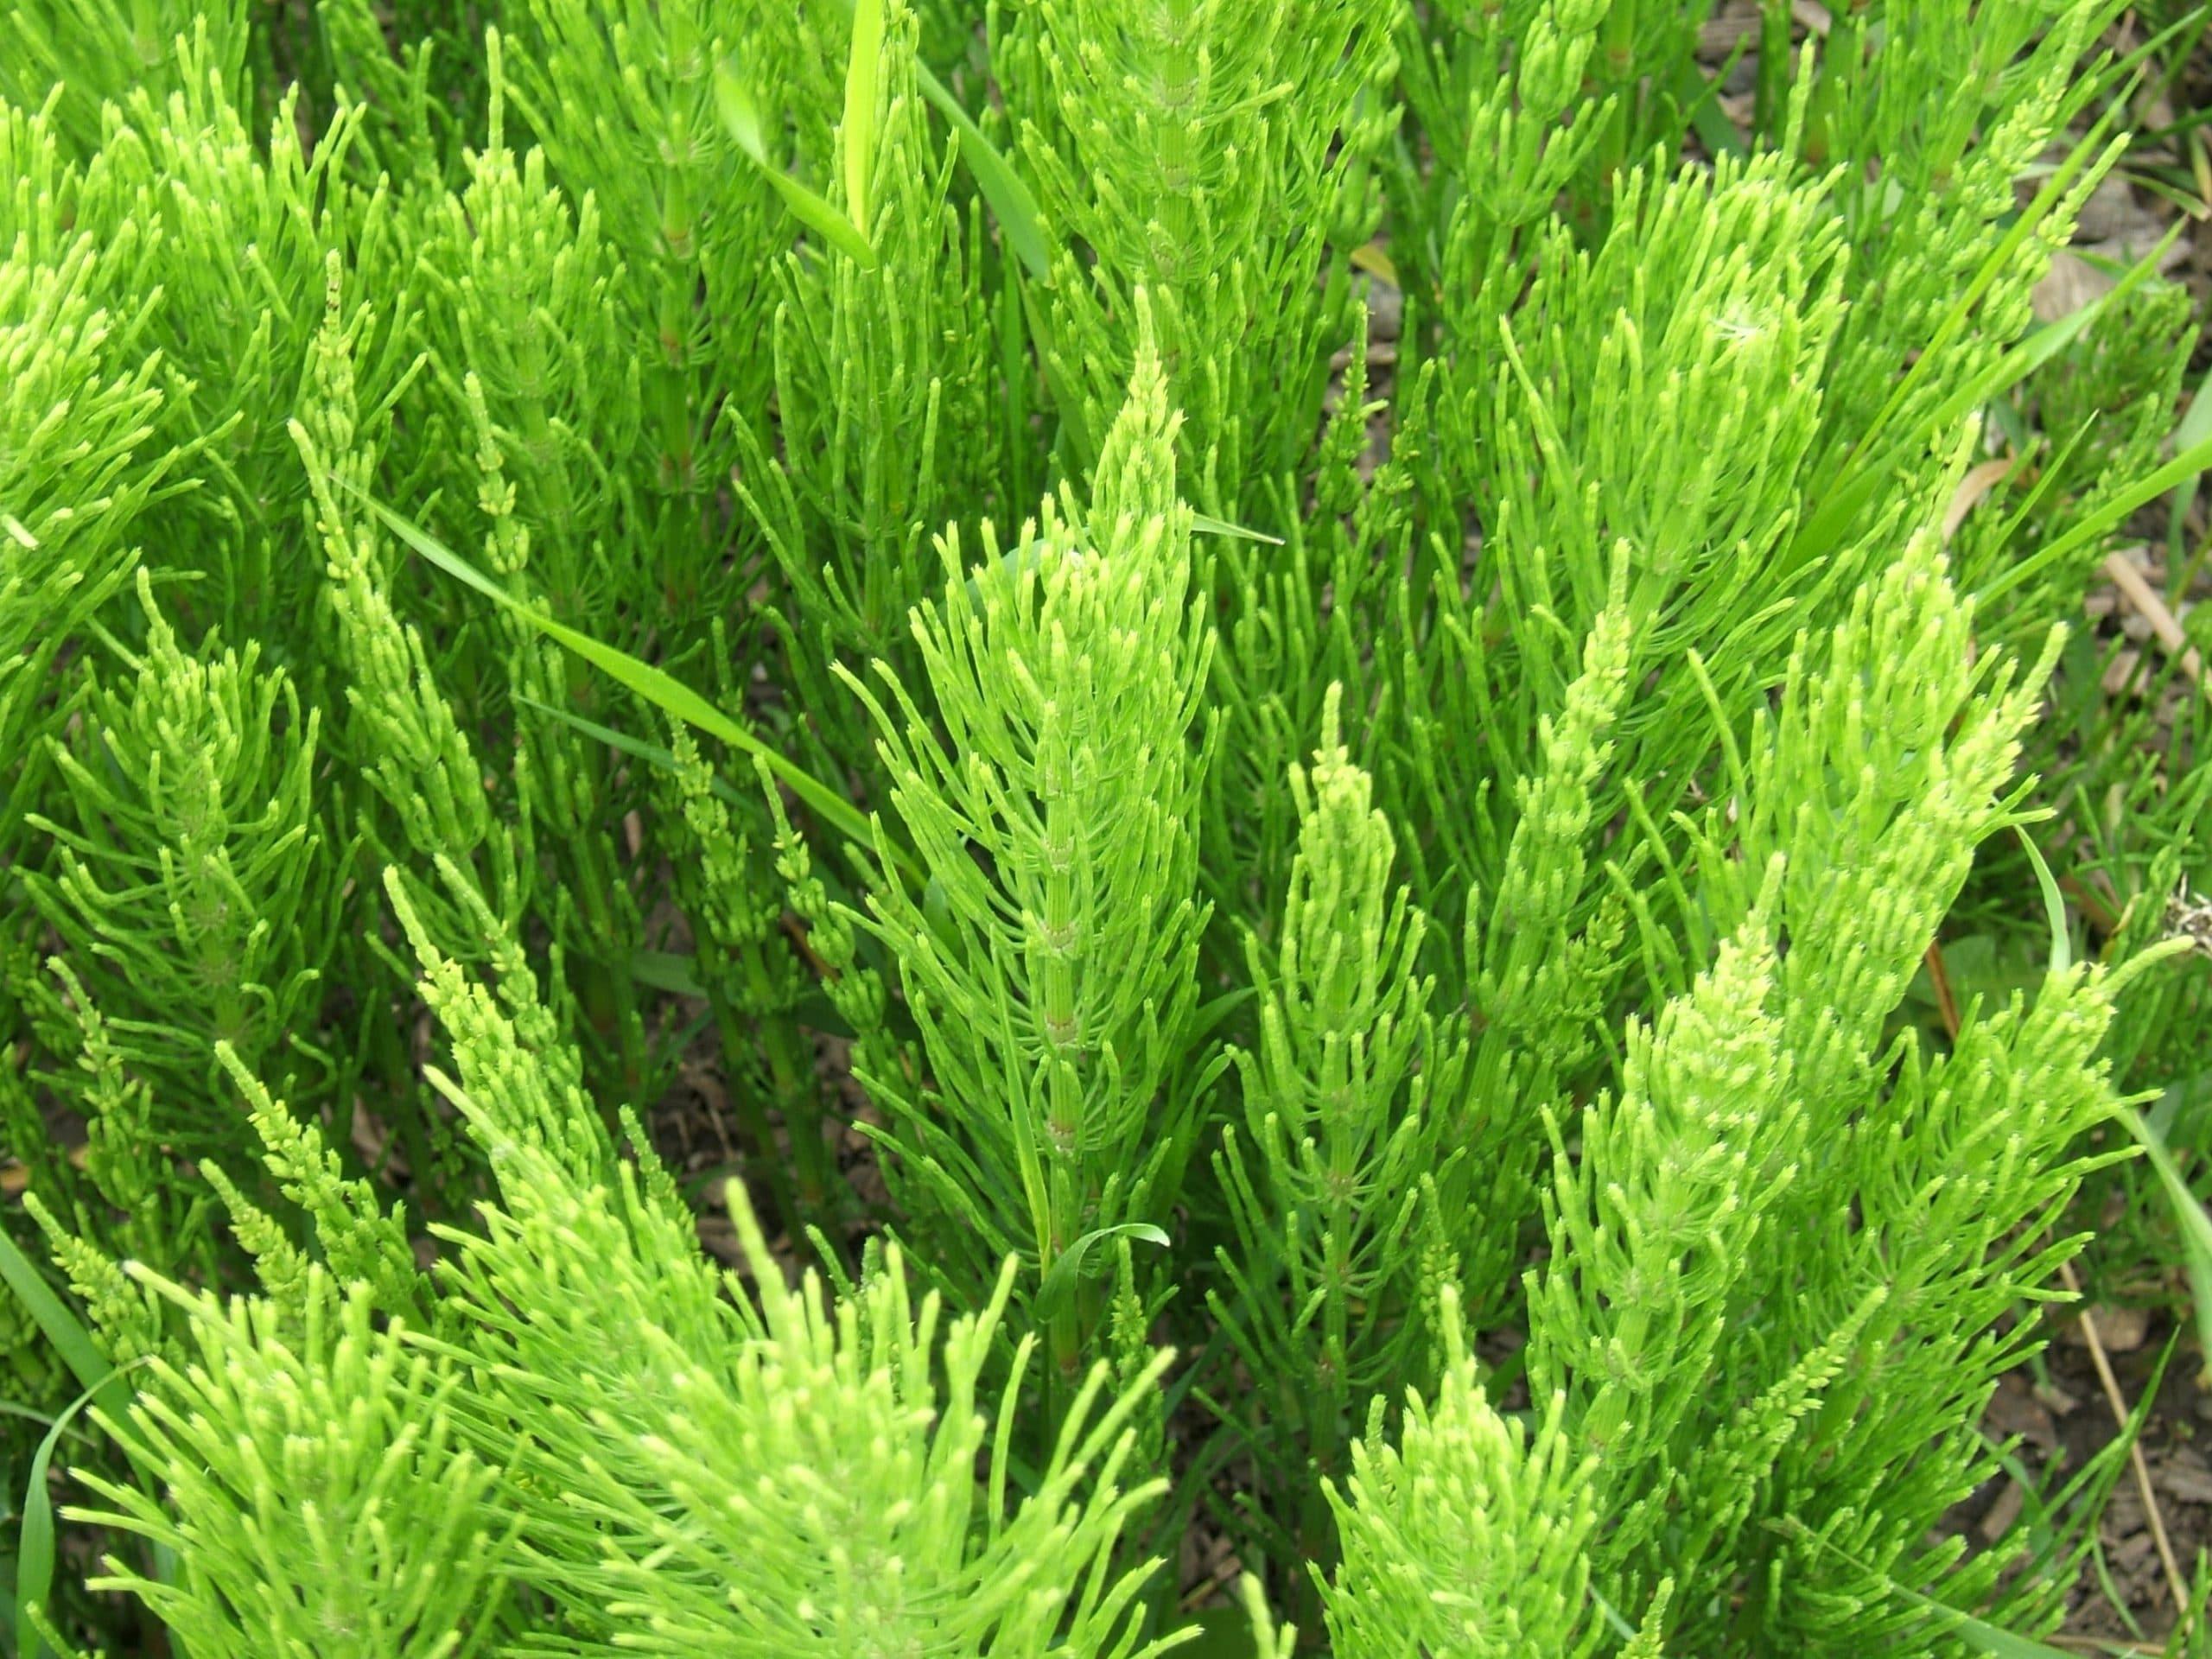 Las hojas del Equisetum arvense son verdes